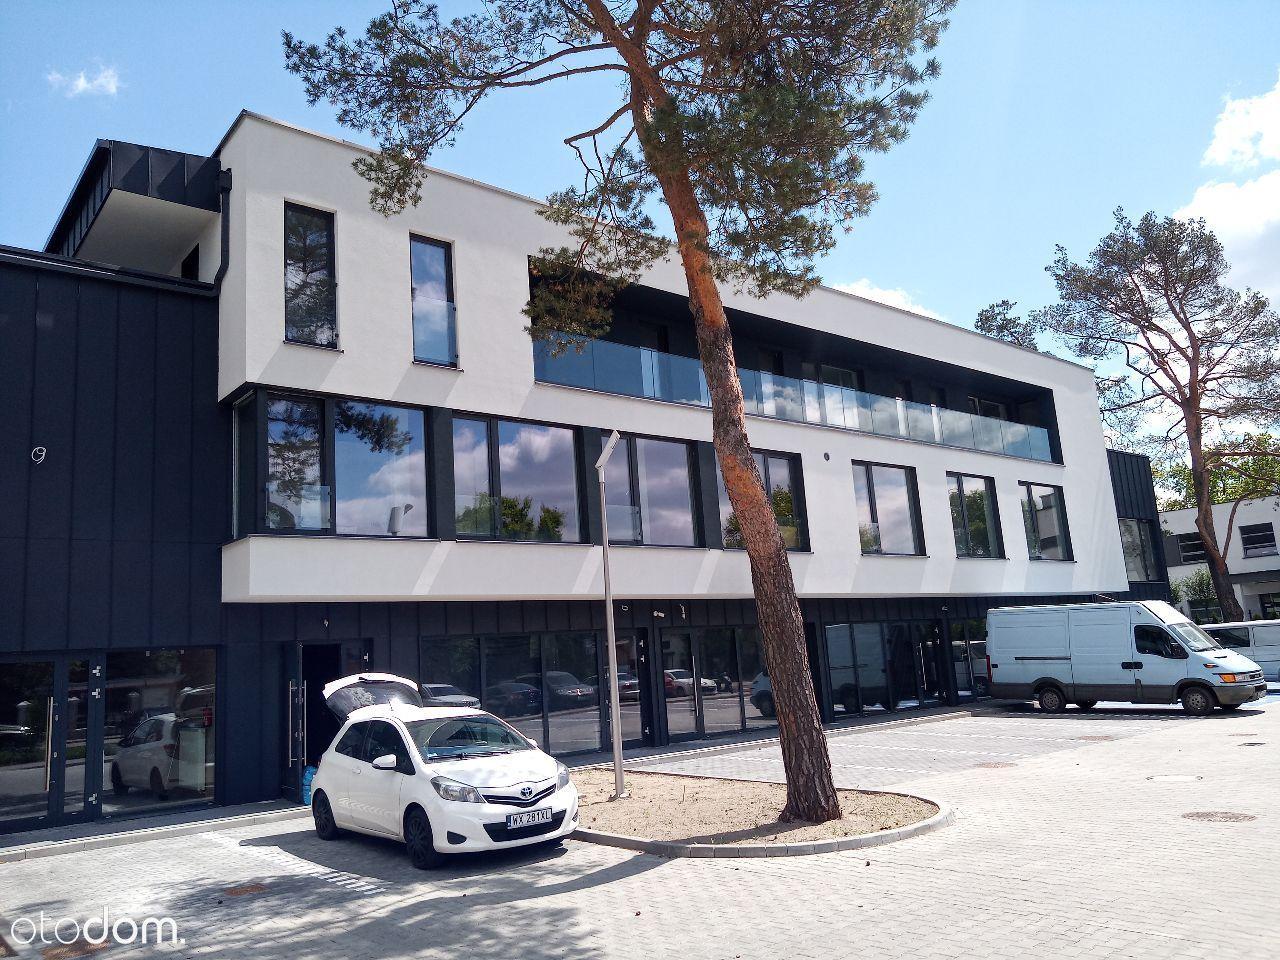 Lokal usługowy w nowym budynku - Wesoła Centrum